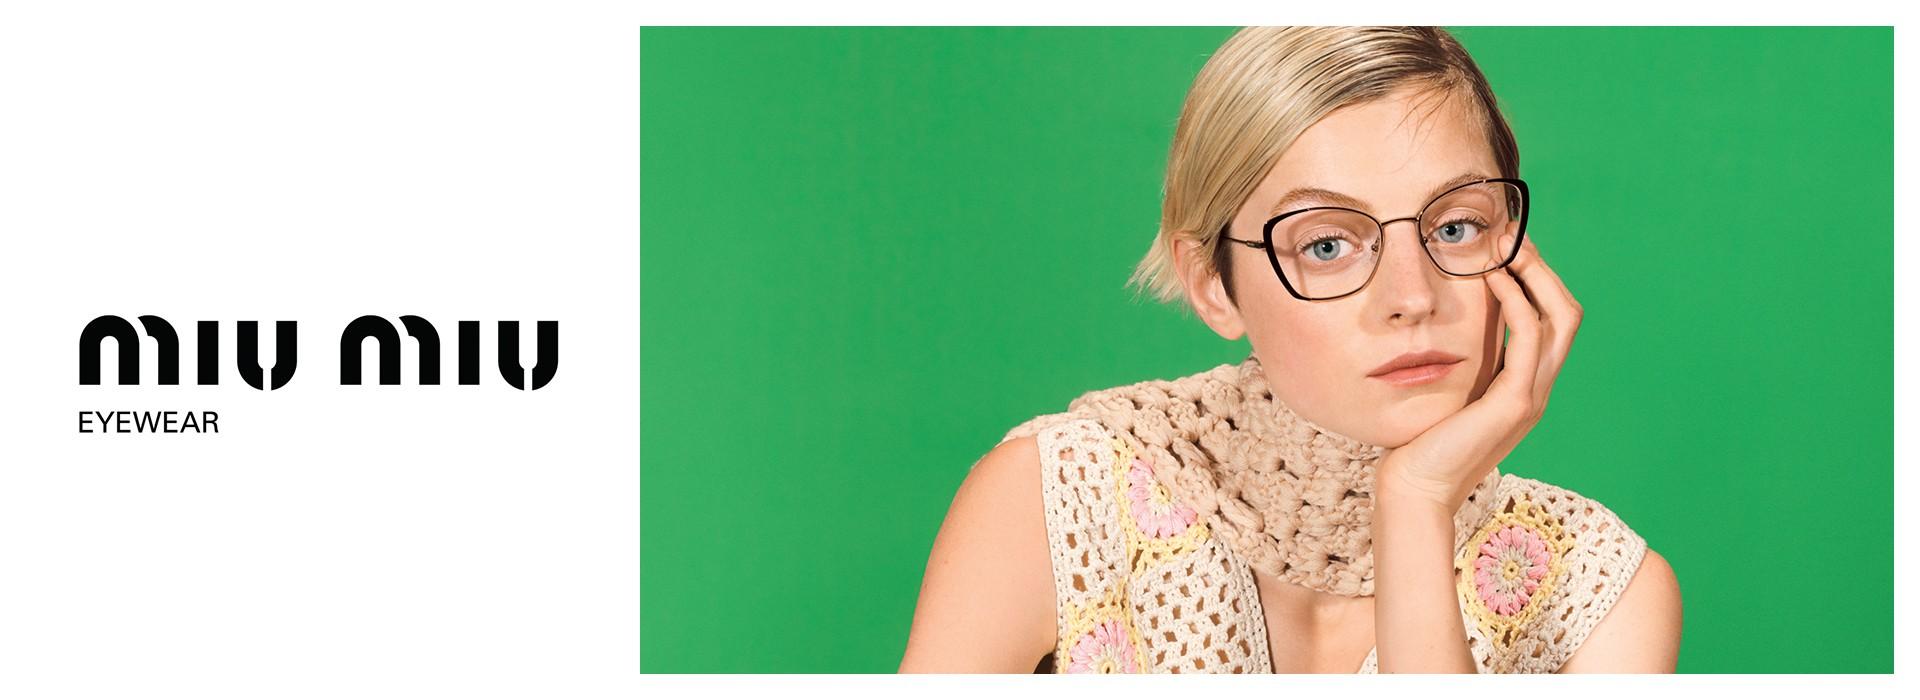 Okulary marki Miu Miu